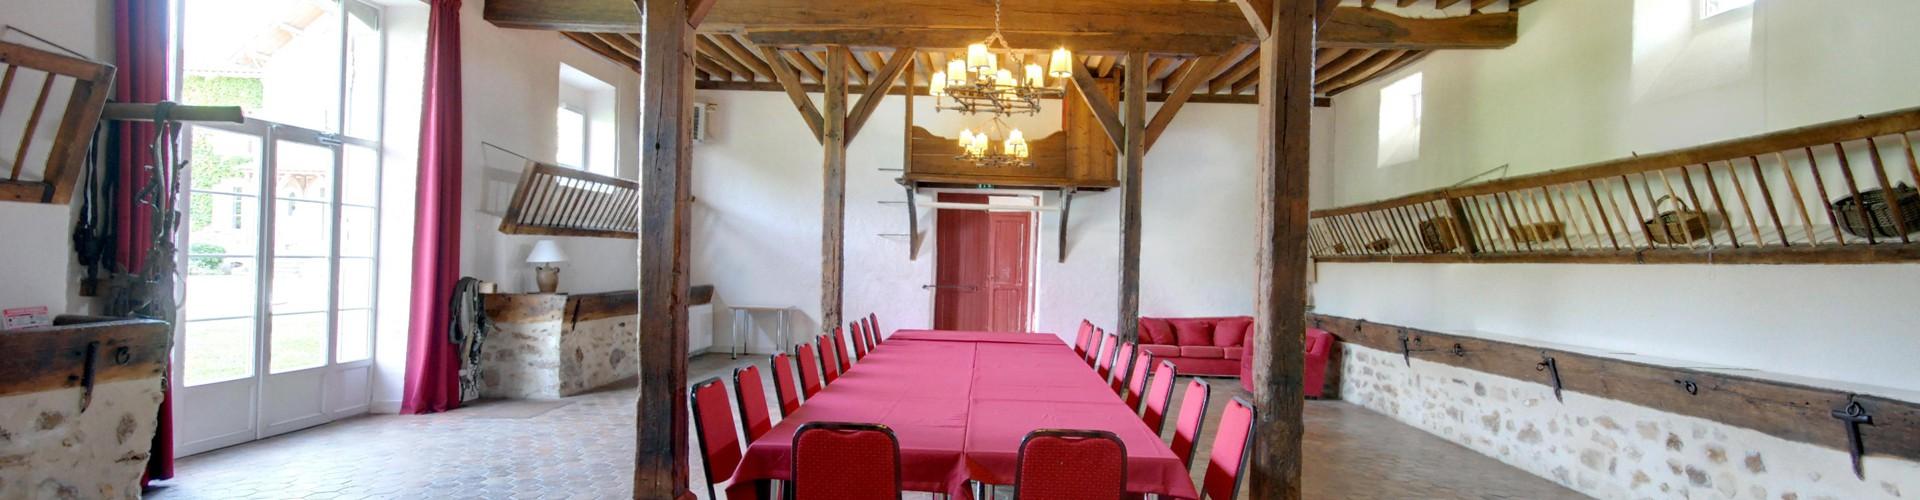 Ferme d'Orsonville - Salle du Palefrenier - Villiers en Bière